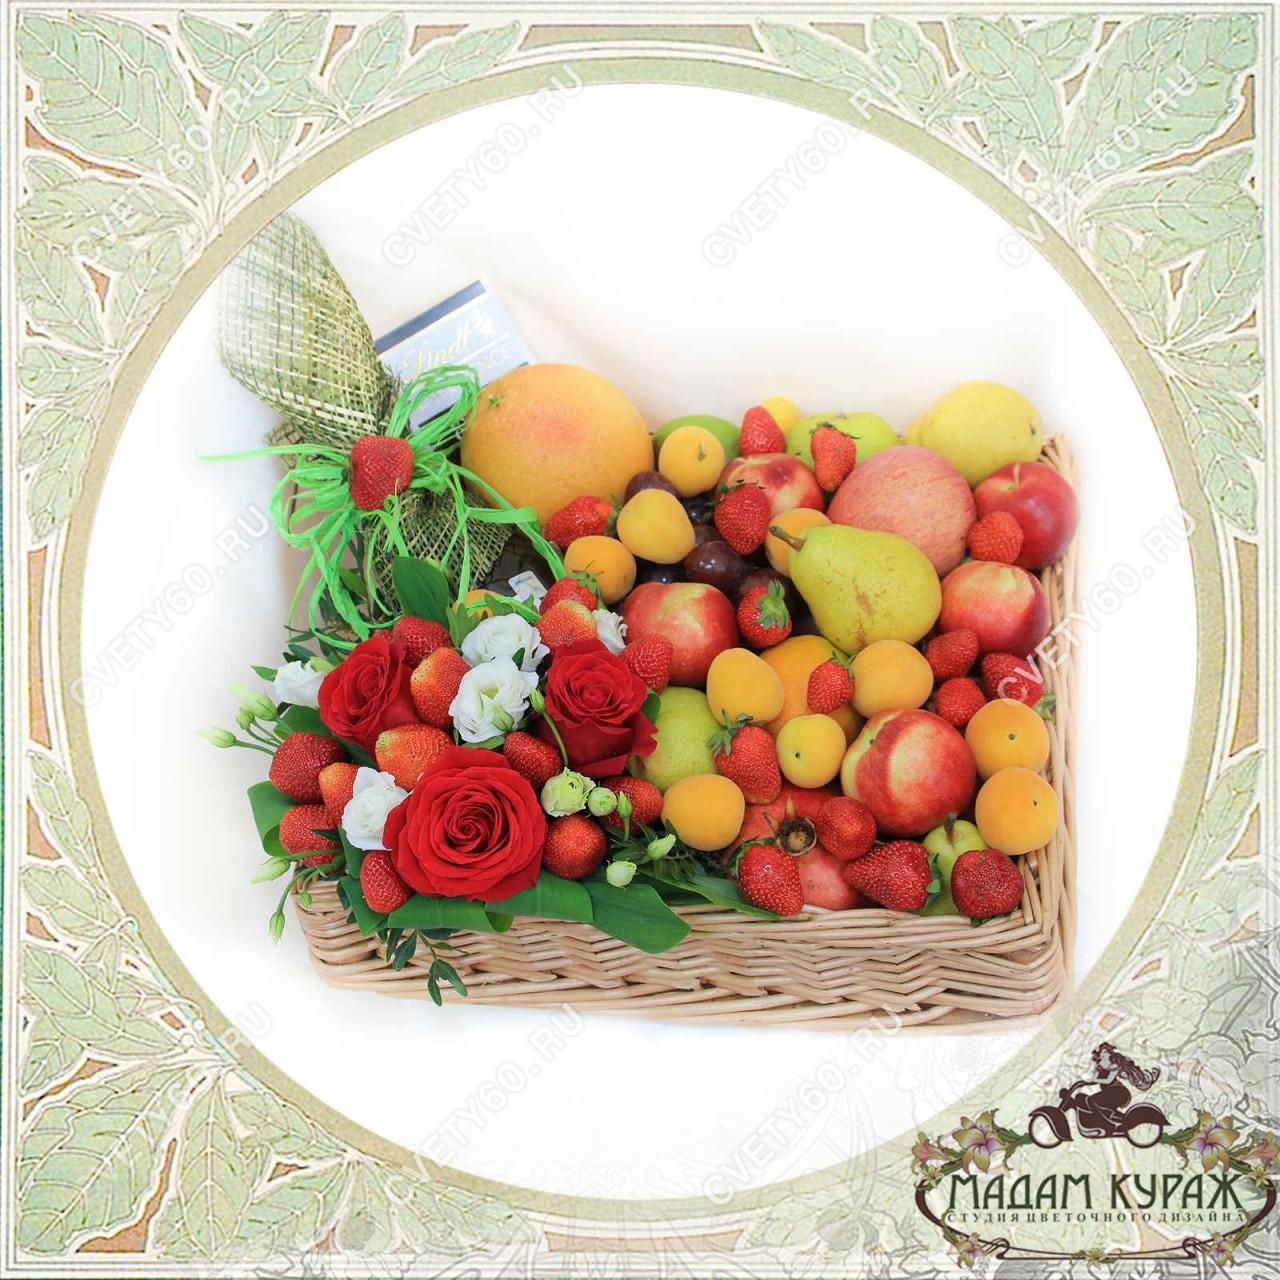 Корзина из фруктов и цветов в Пскове Открытка